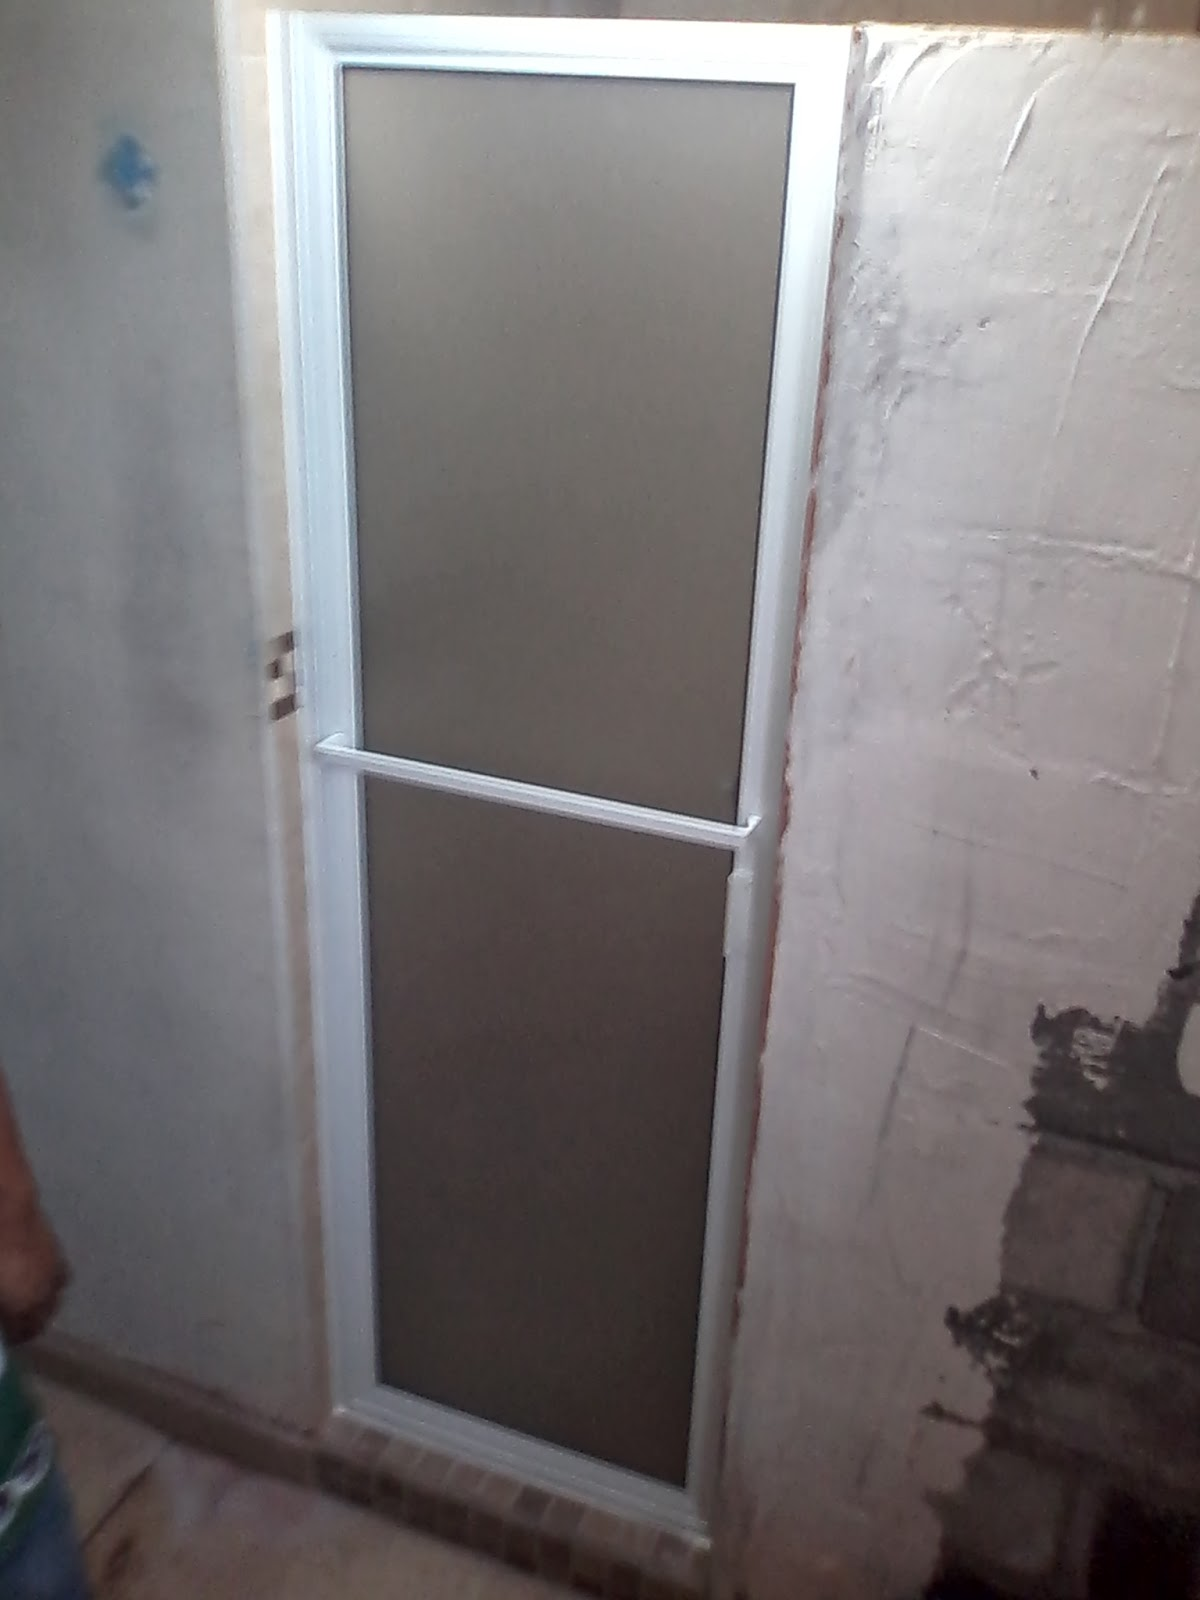 Puertas De Baño Aluminio:Puertas, ventanas de aluminio: PUERTA BATIENTE DE ALUMINIO CON